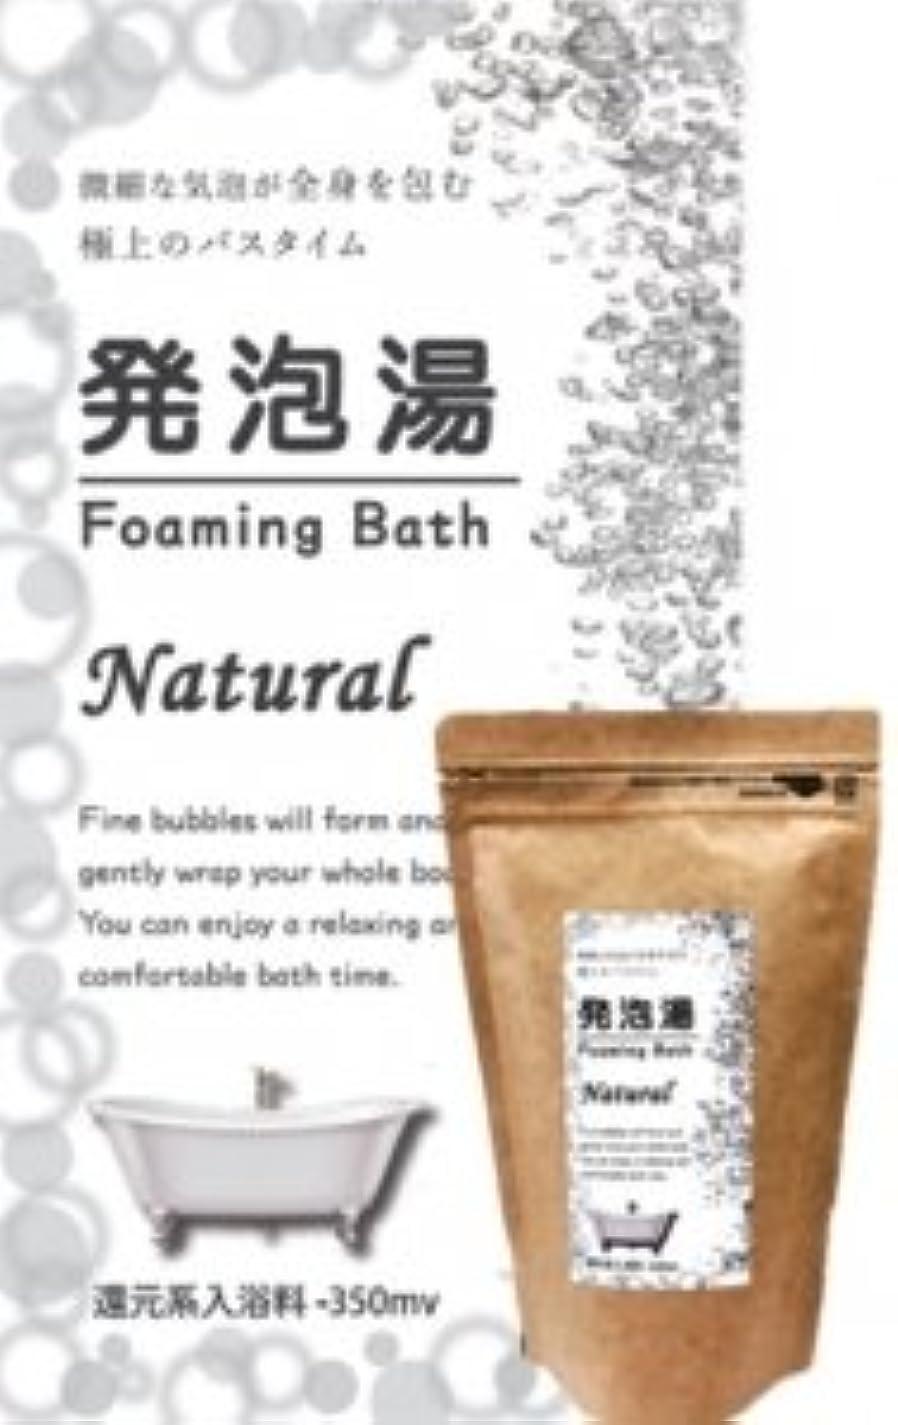 療法伸ばす優しい発泡湯(はっぽうとう) Foaming Bath Natural ナチュラルお徳用15回分